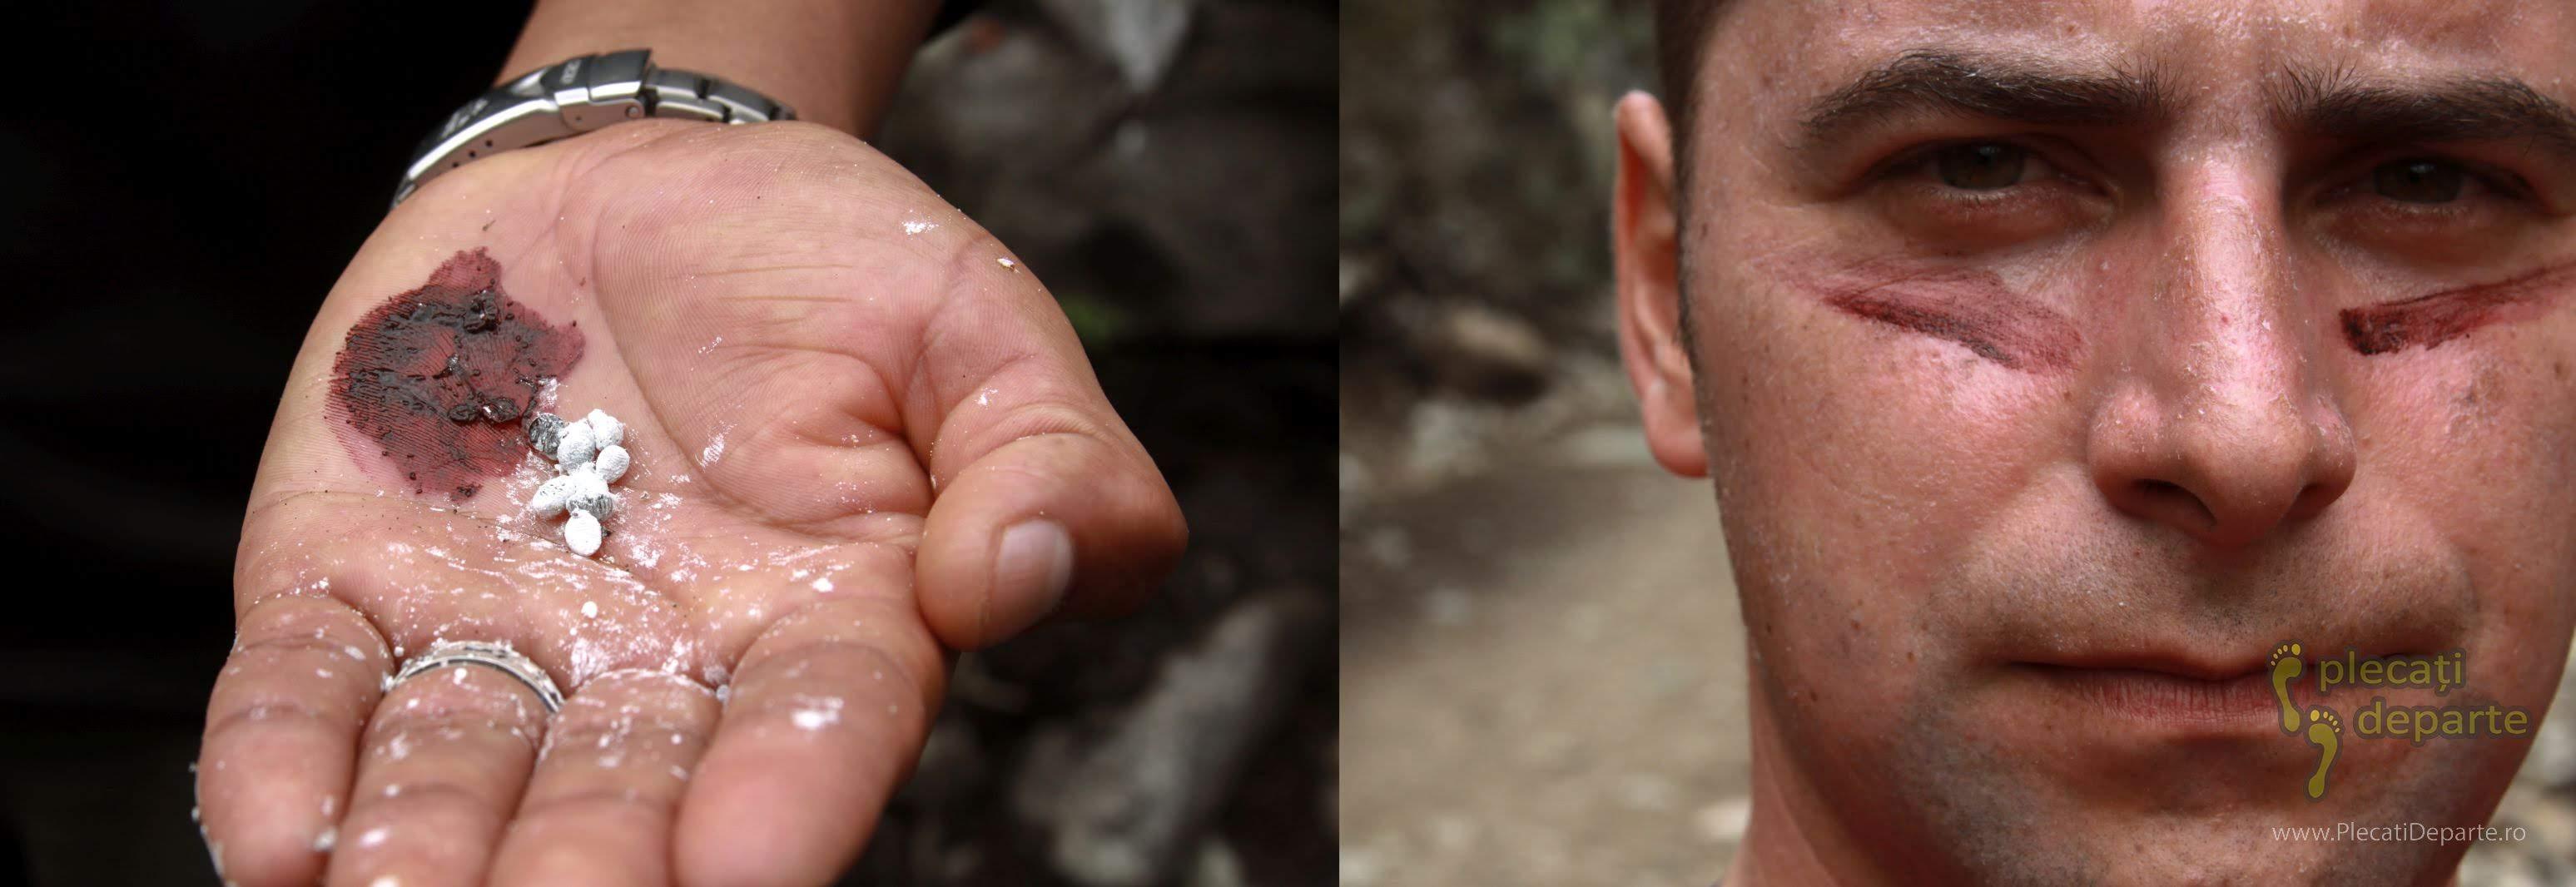 insecte Coccoideea strivite in palma pentru a obtine cosenila, o vopsea rosie, cu care m-am desenat pe fata